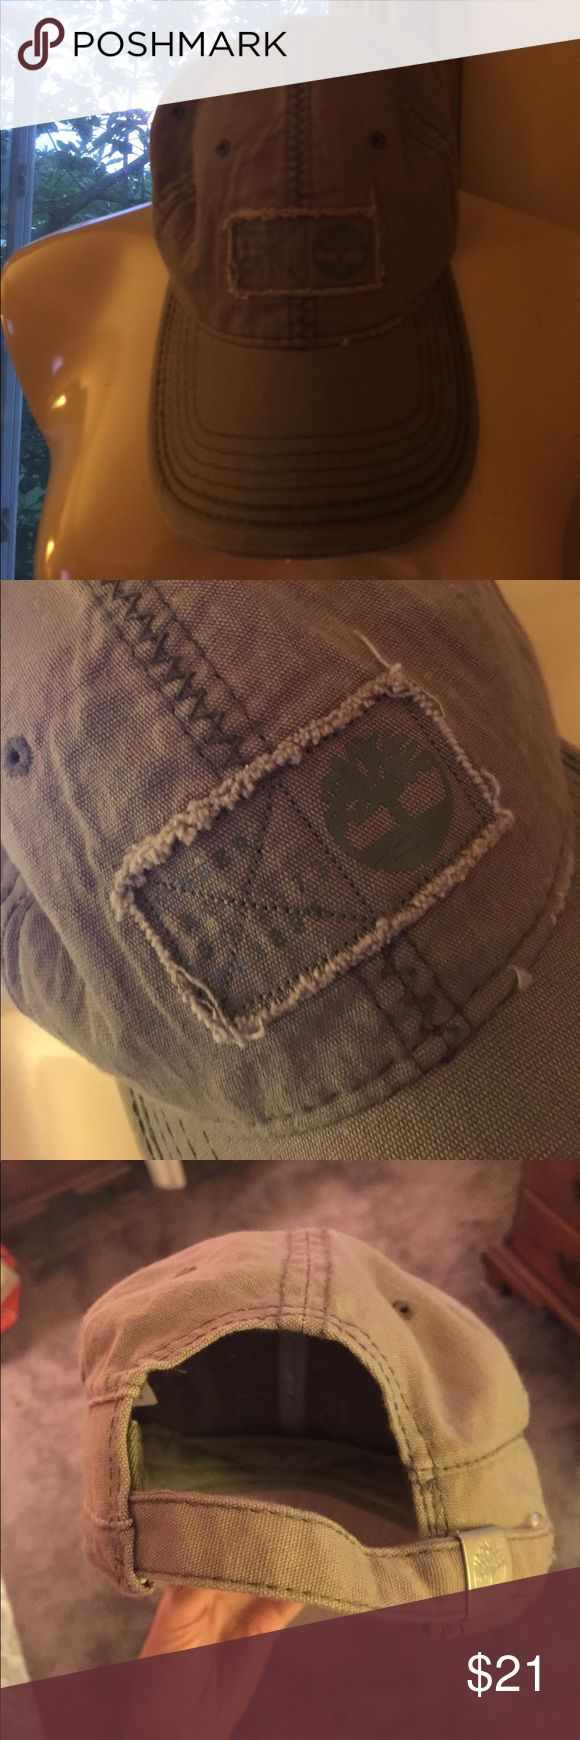 Timberland baseball hat. Distressed. Like new. Thx! Timberland Accessories Hats